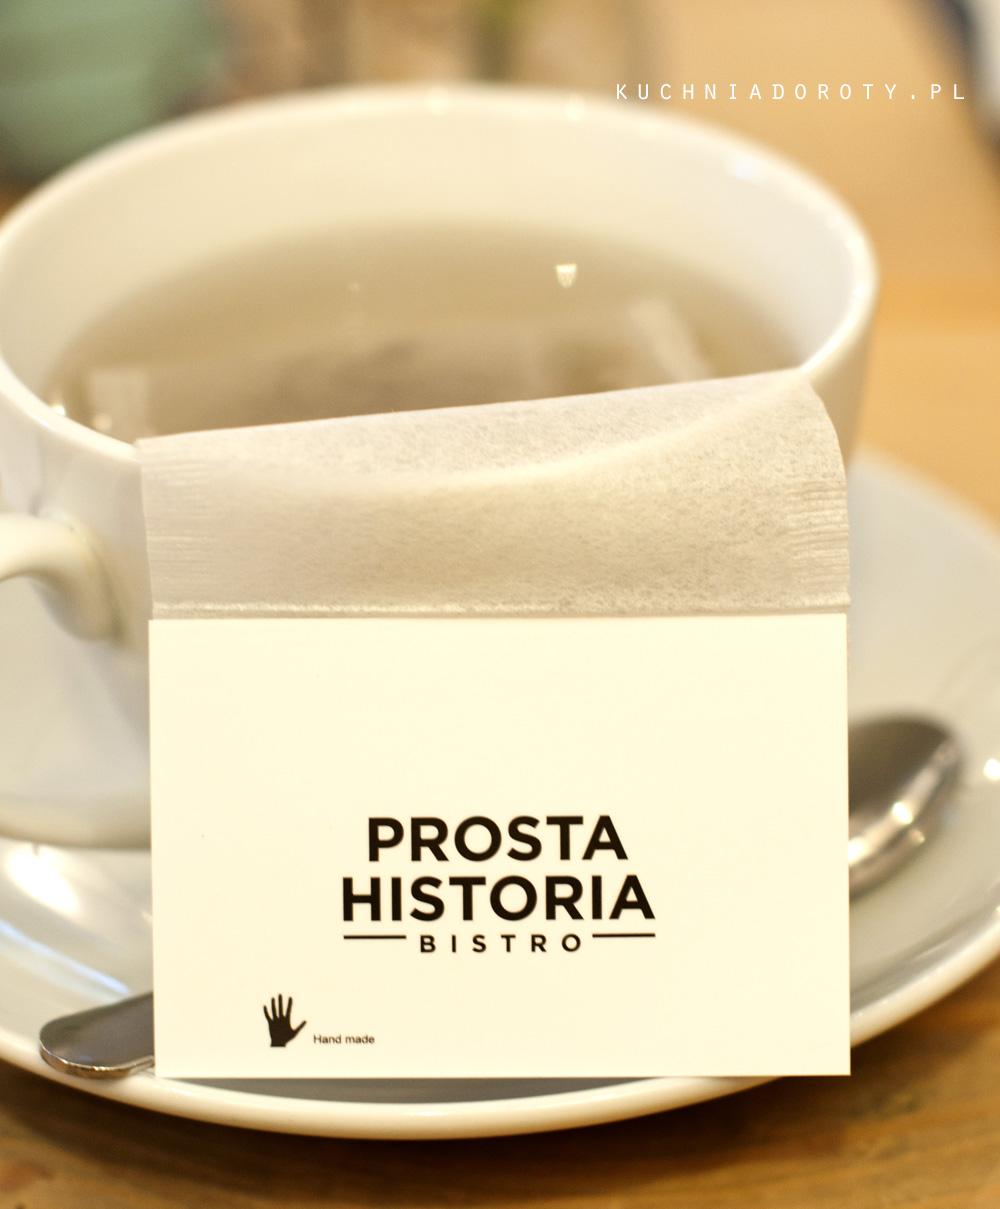 Prosta historia – Common table 3